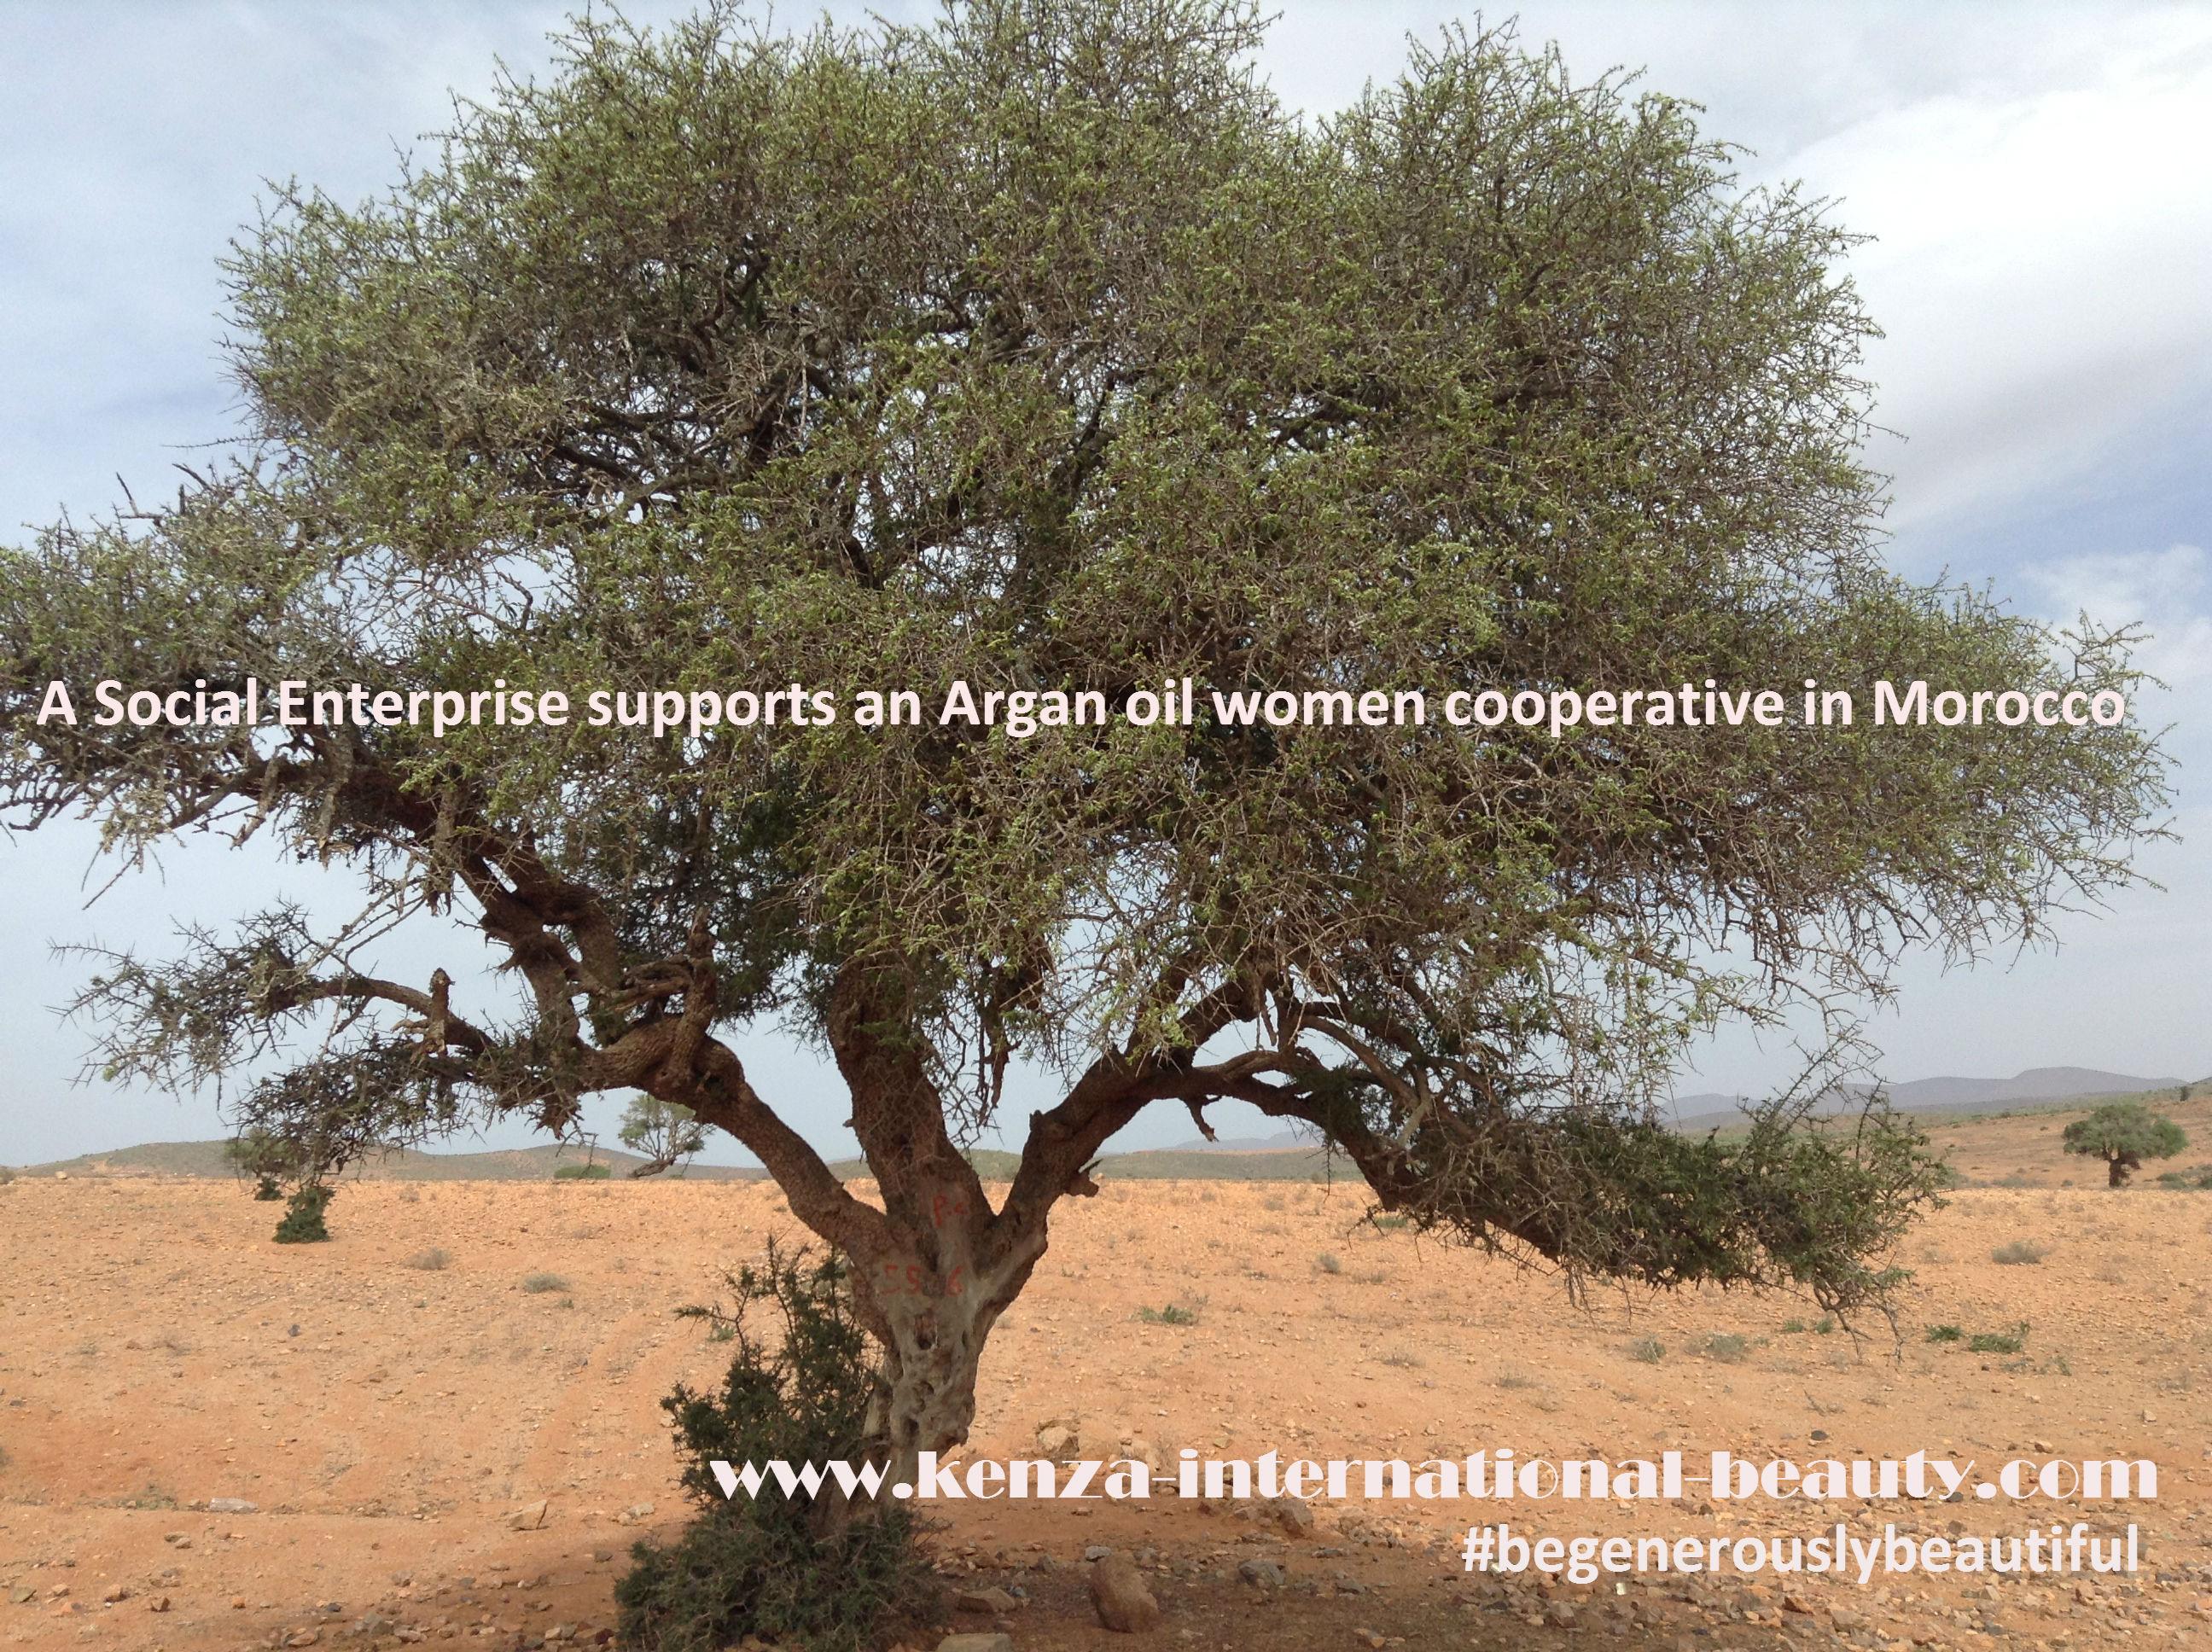 A Social Enterprise supports an Argan oil women cooperative in Morocco